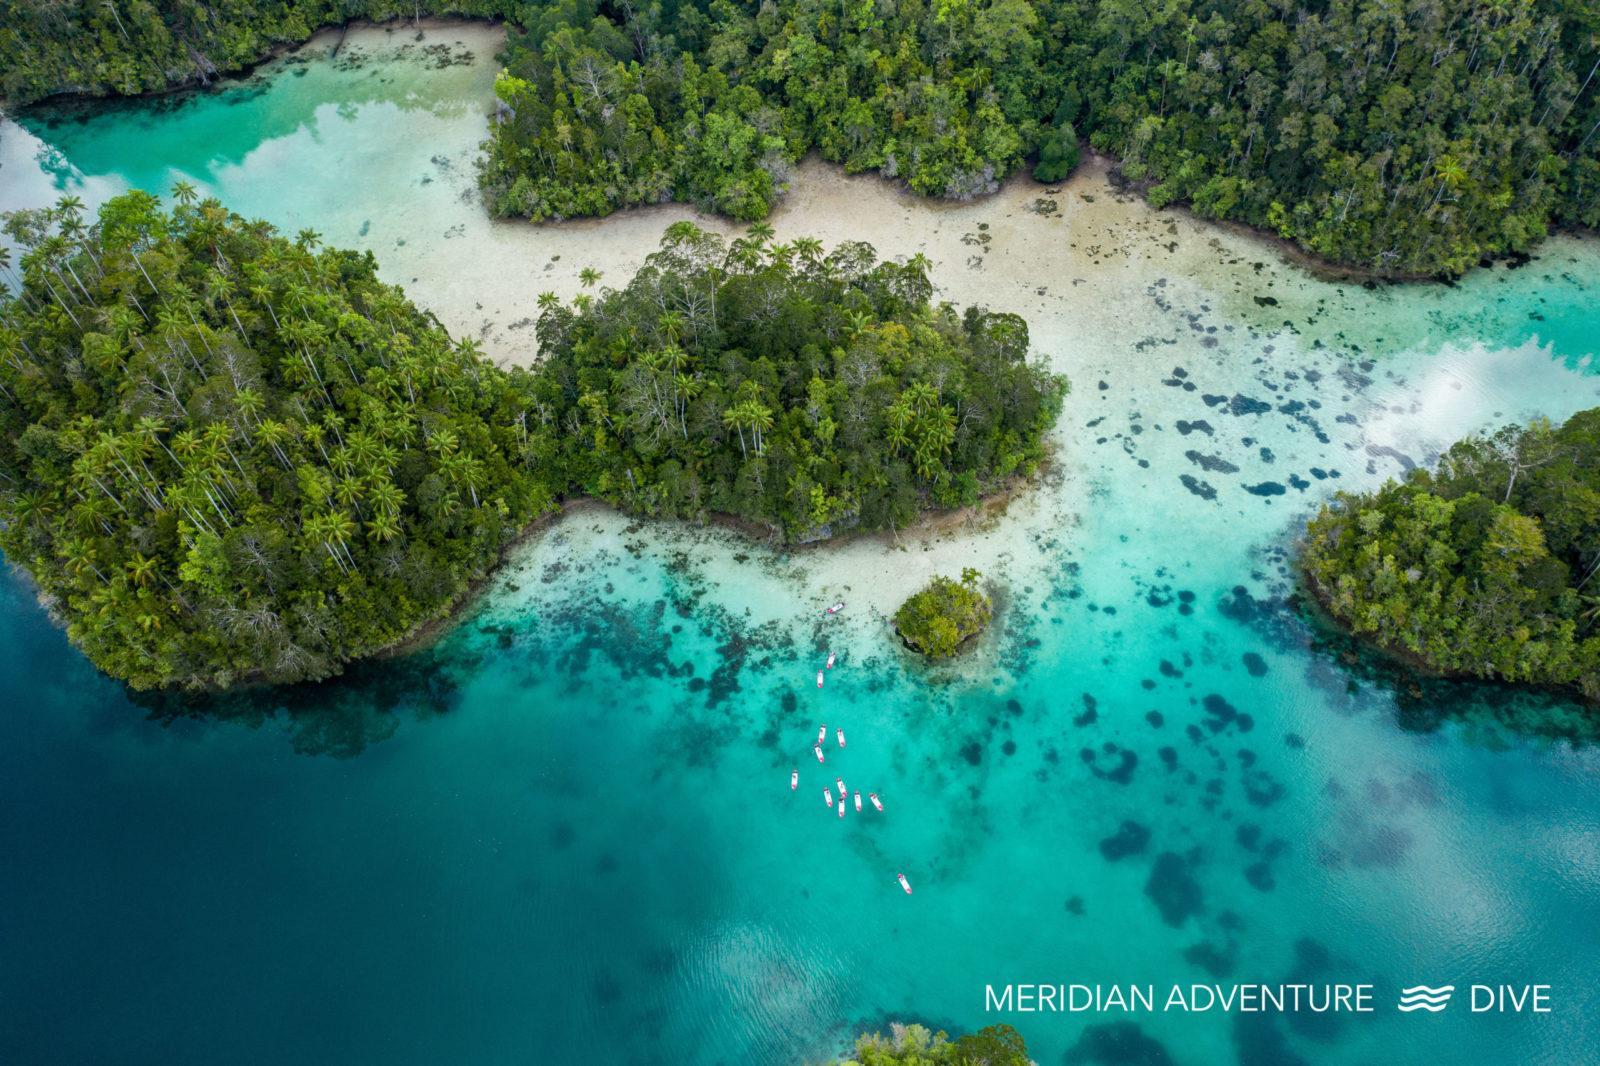 Raja Ampat dive resort - Meridian Adventure Dive.